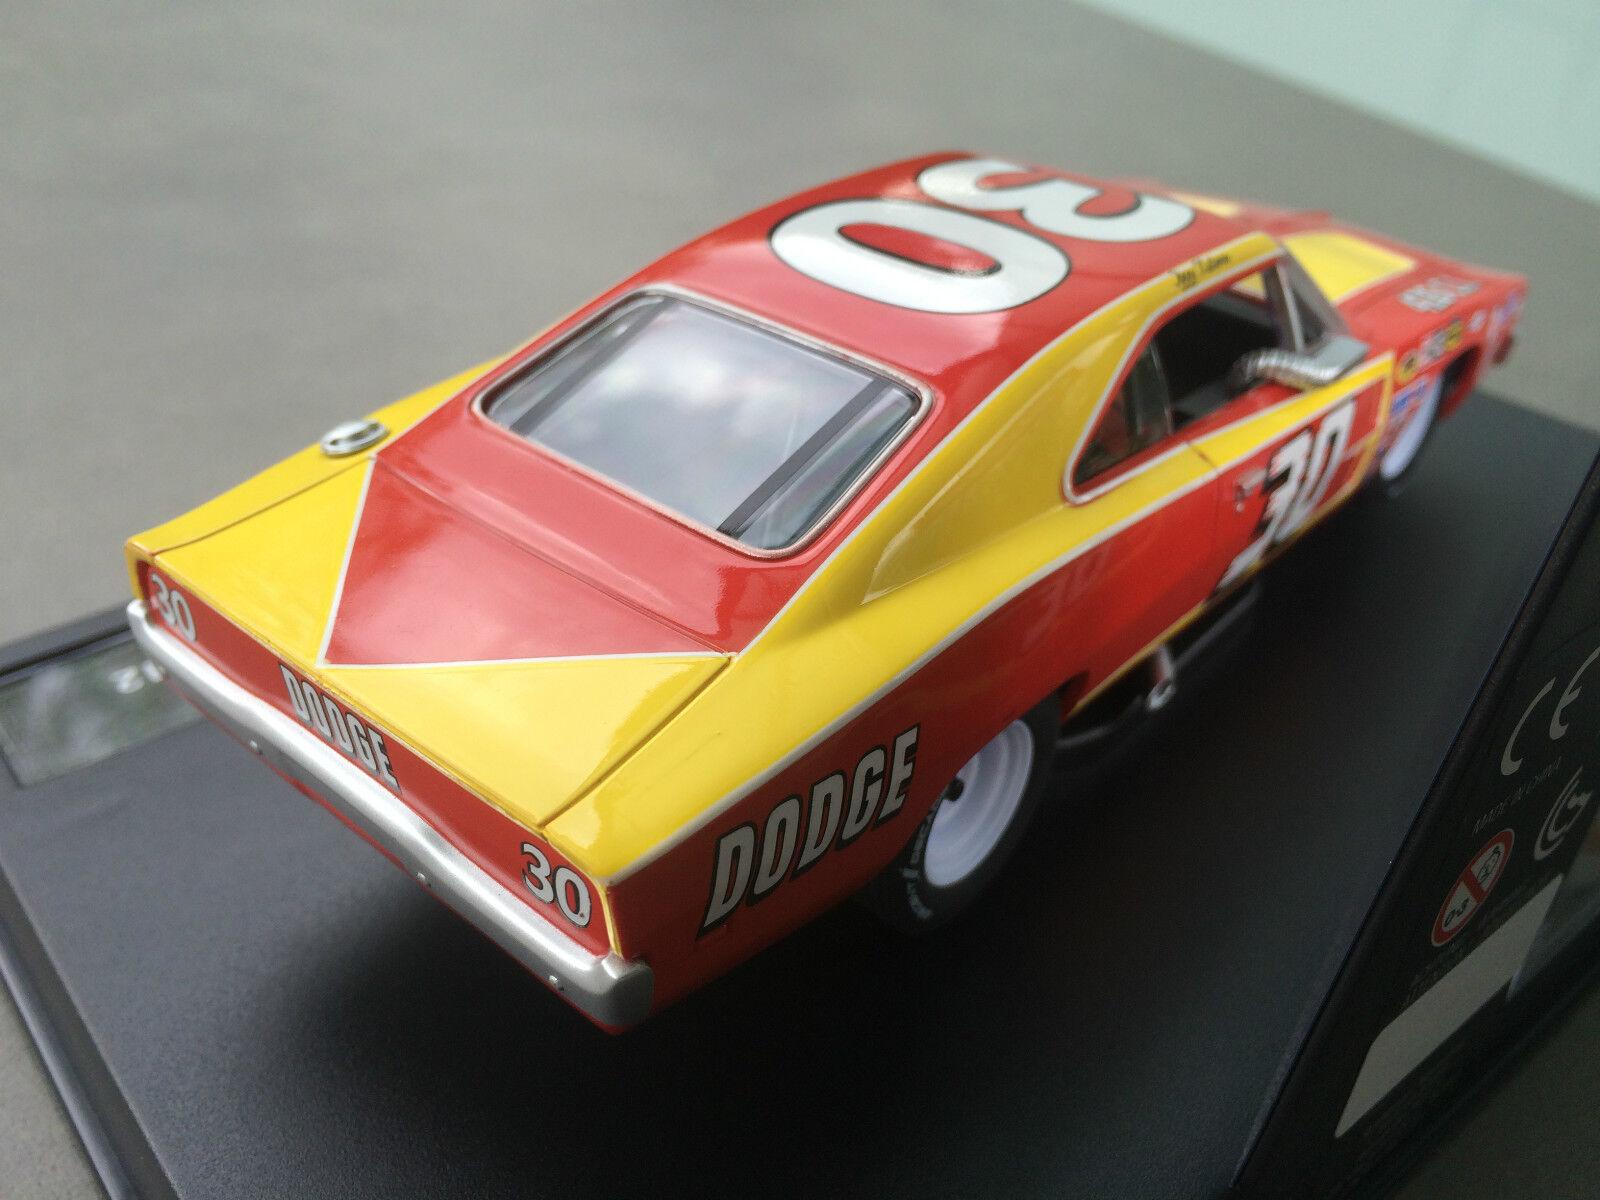 Carrera Evolution 27397 Dodge Charger Charger Charger 500  No.30 , 1972 NEU OVP  | Um Eine Hohe Bewunderung Gewinnen Und Ist Weit Verbreitet Trusted In-und   80695e